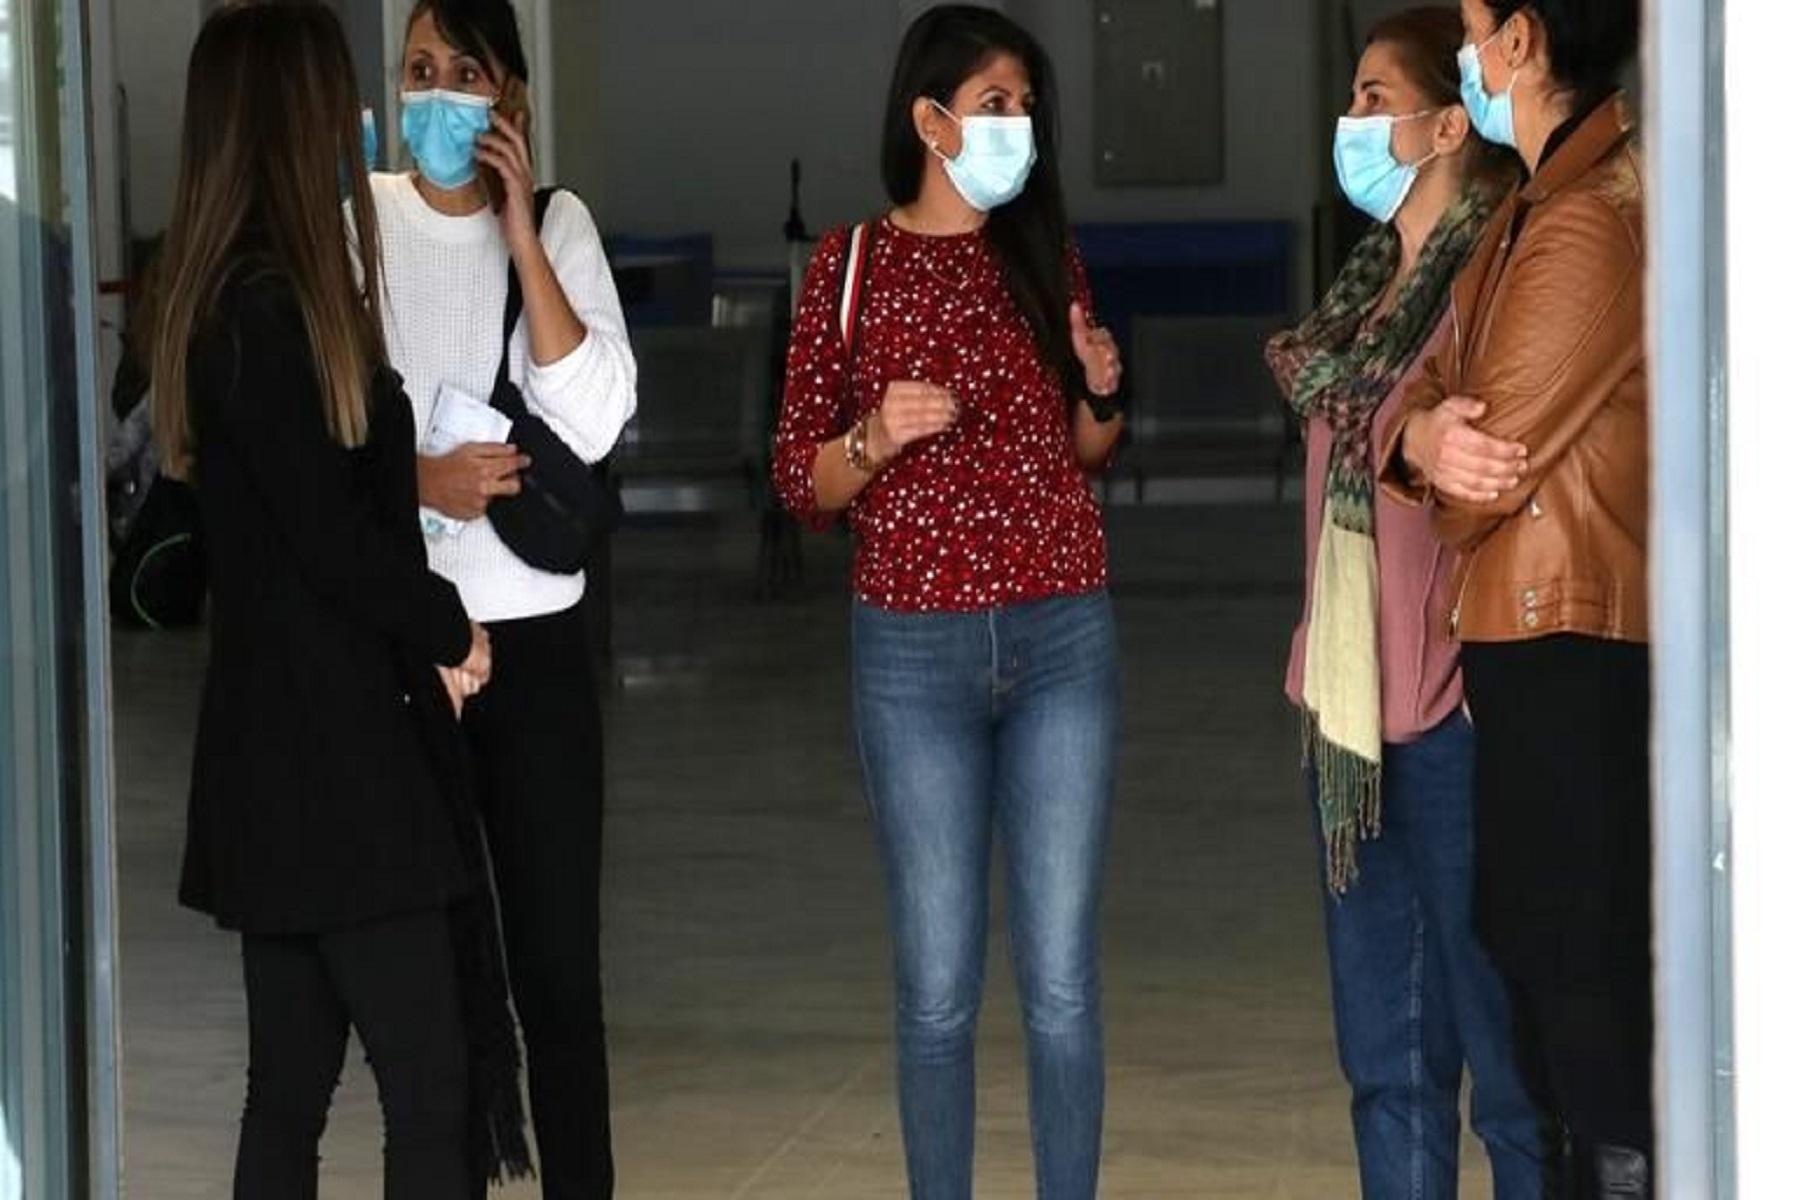 Εθελόντριες Εντατικολόγοι: Υποδοχή με τριαντάφυλλα στις νοσηλεύτριες από την Κρήτη